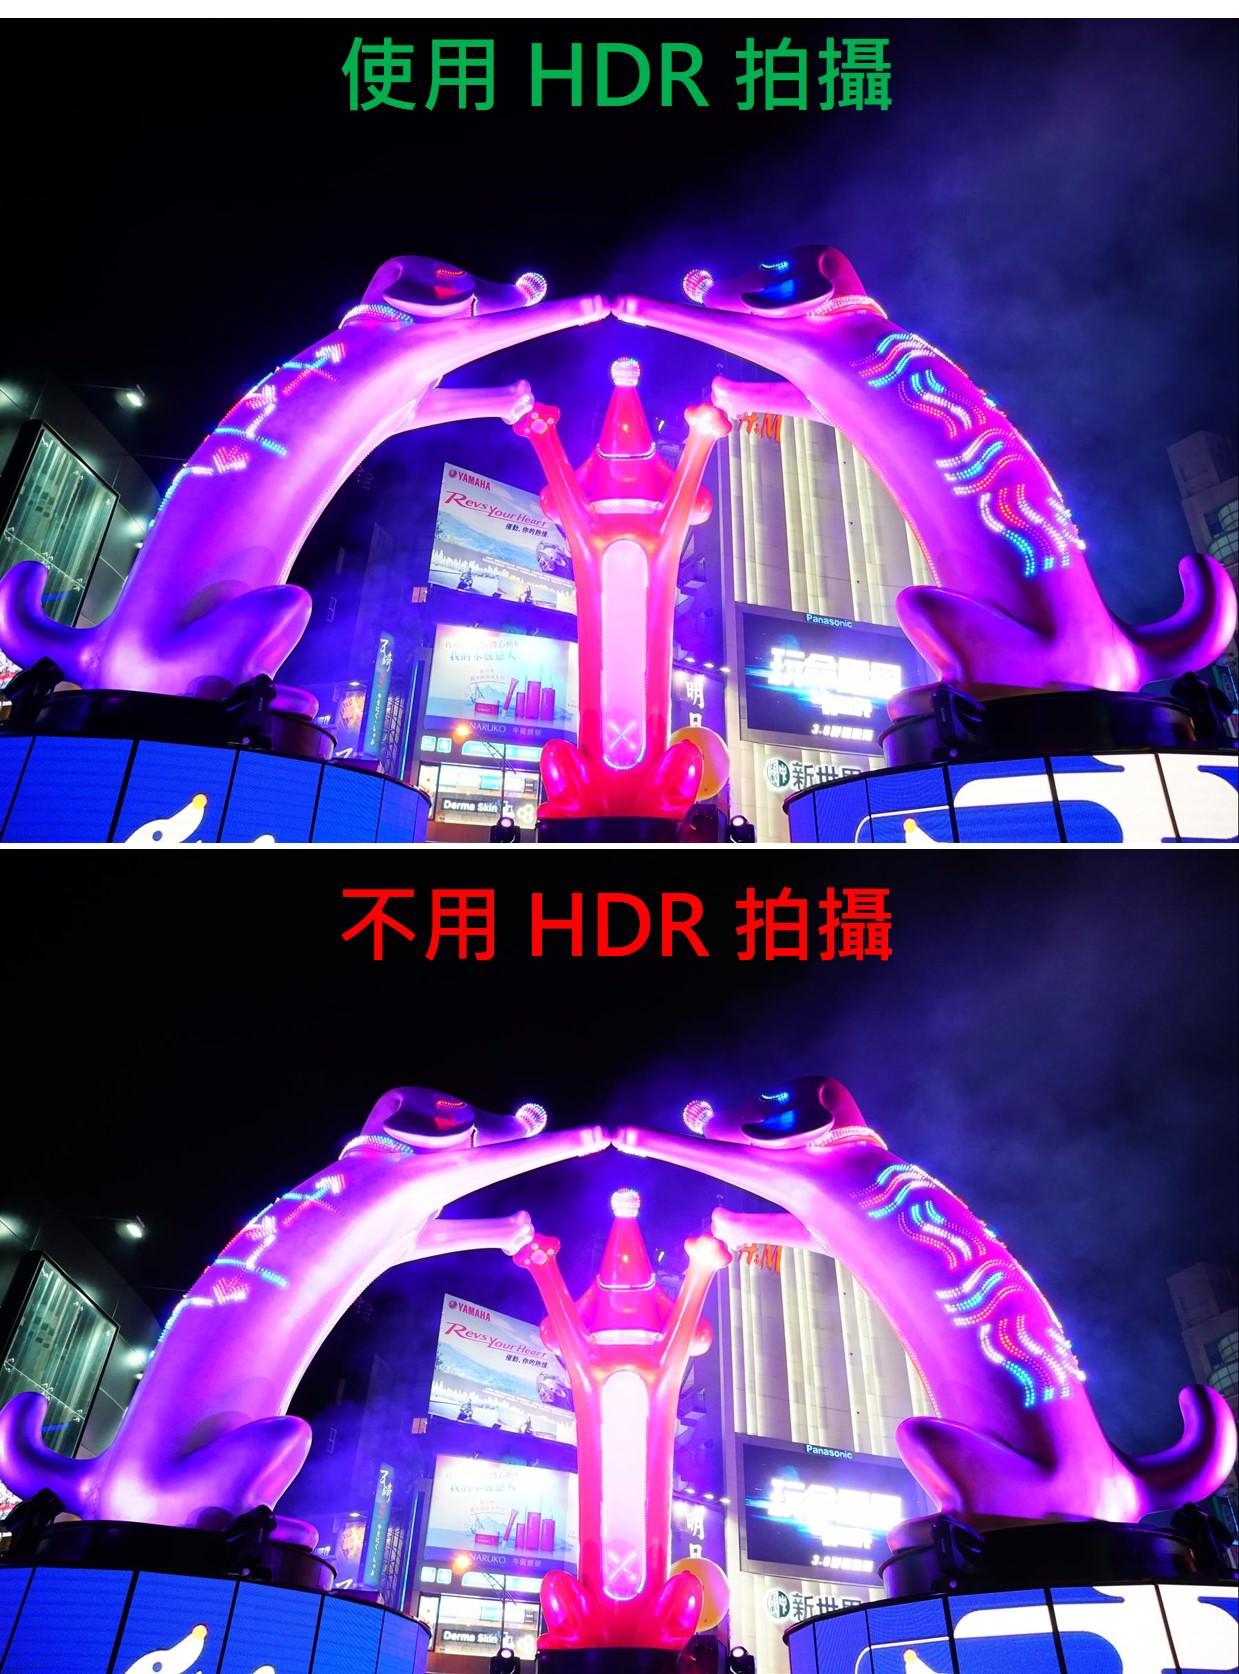 相機 HDR